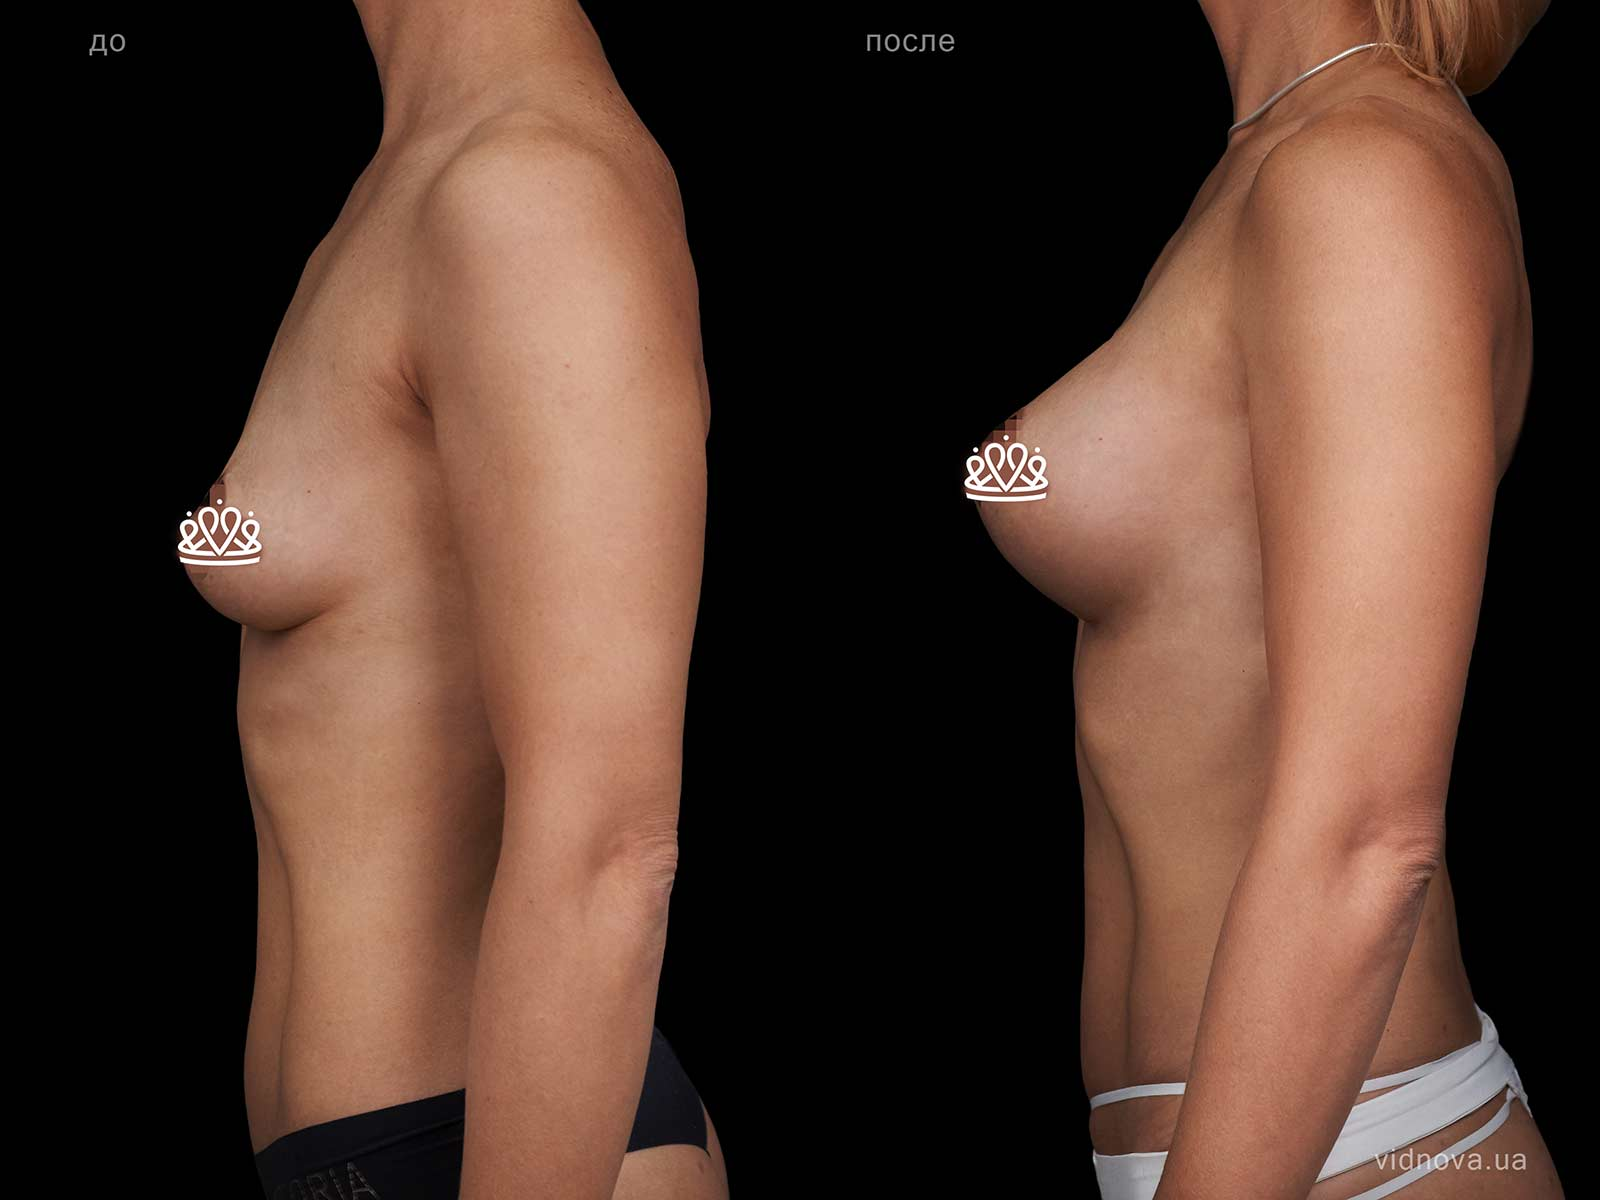 Пластика груди: результаты до и после - Пример №109-2 - Светлана Работенко